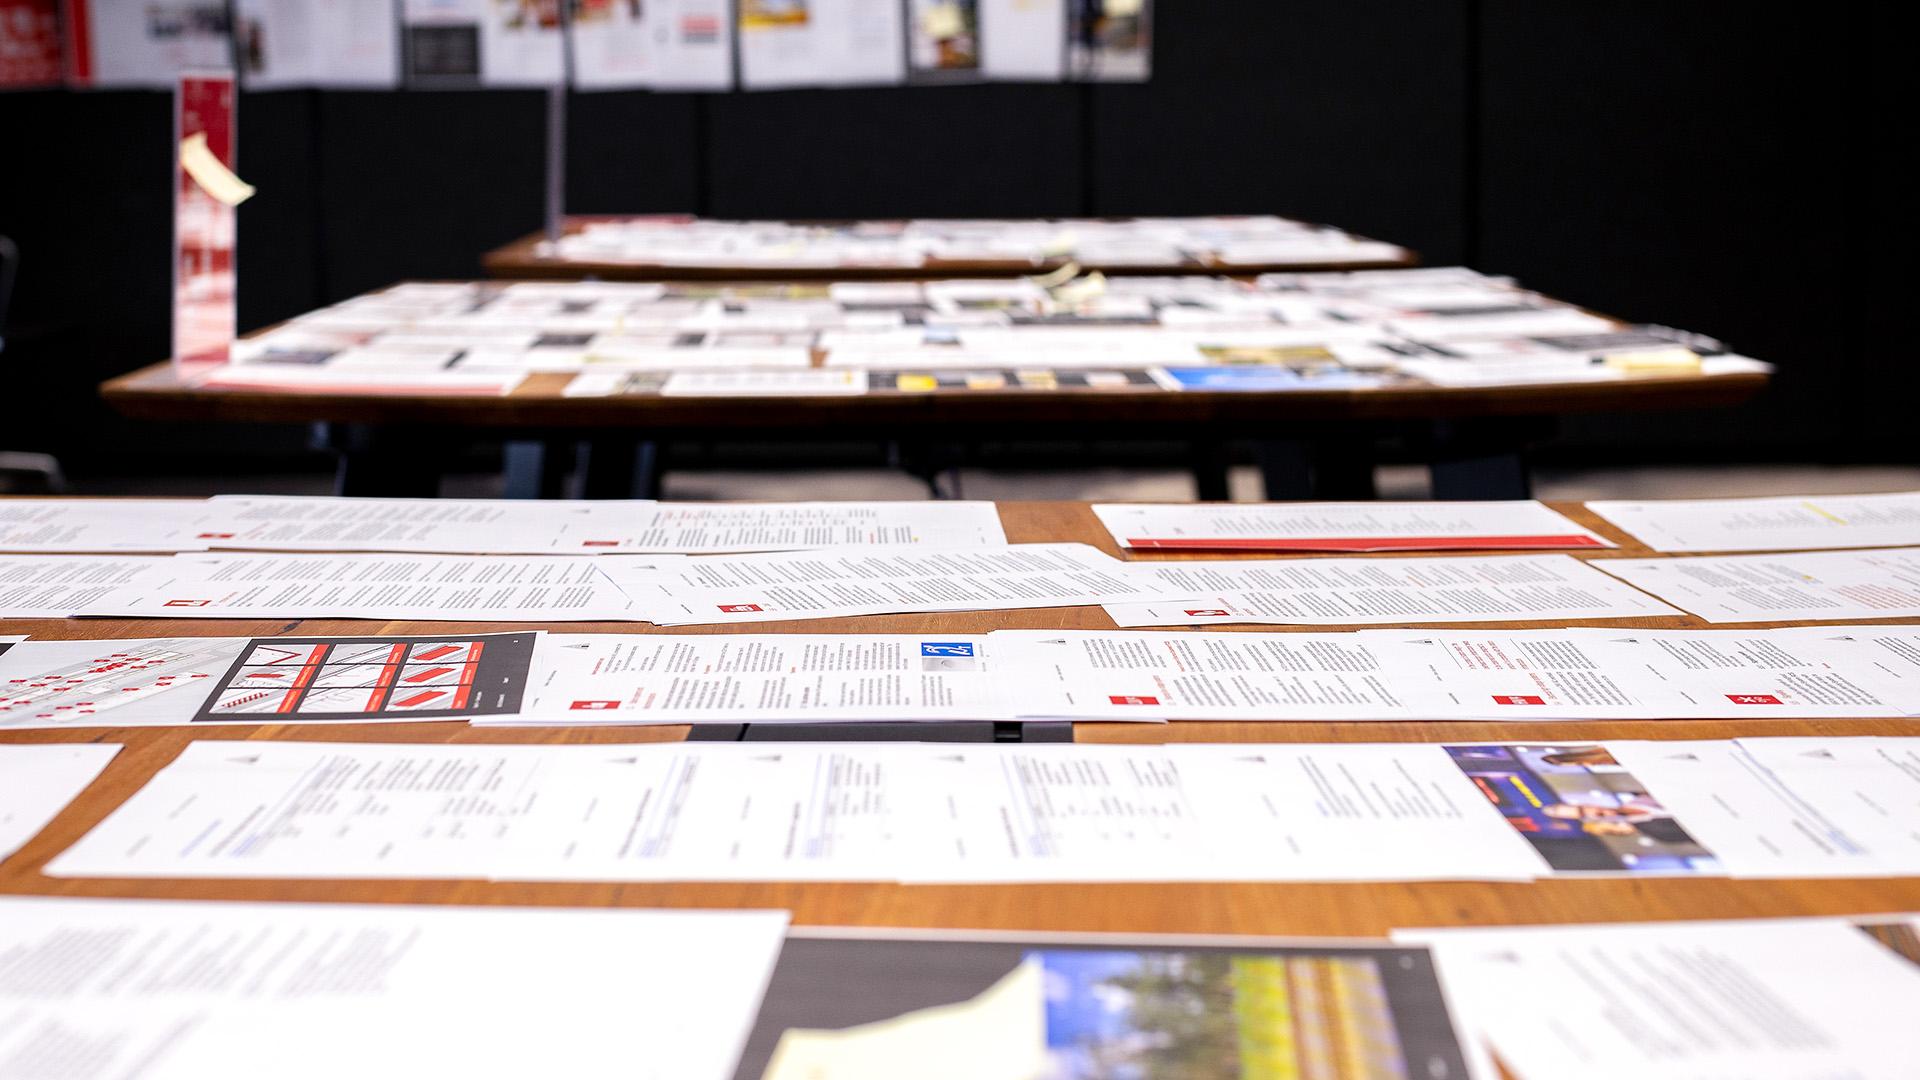 Queensland Rail Station Design Manual workshop